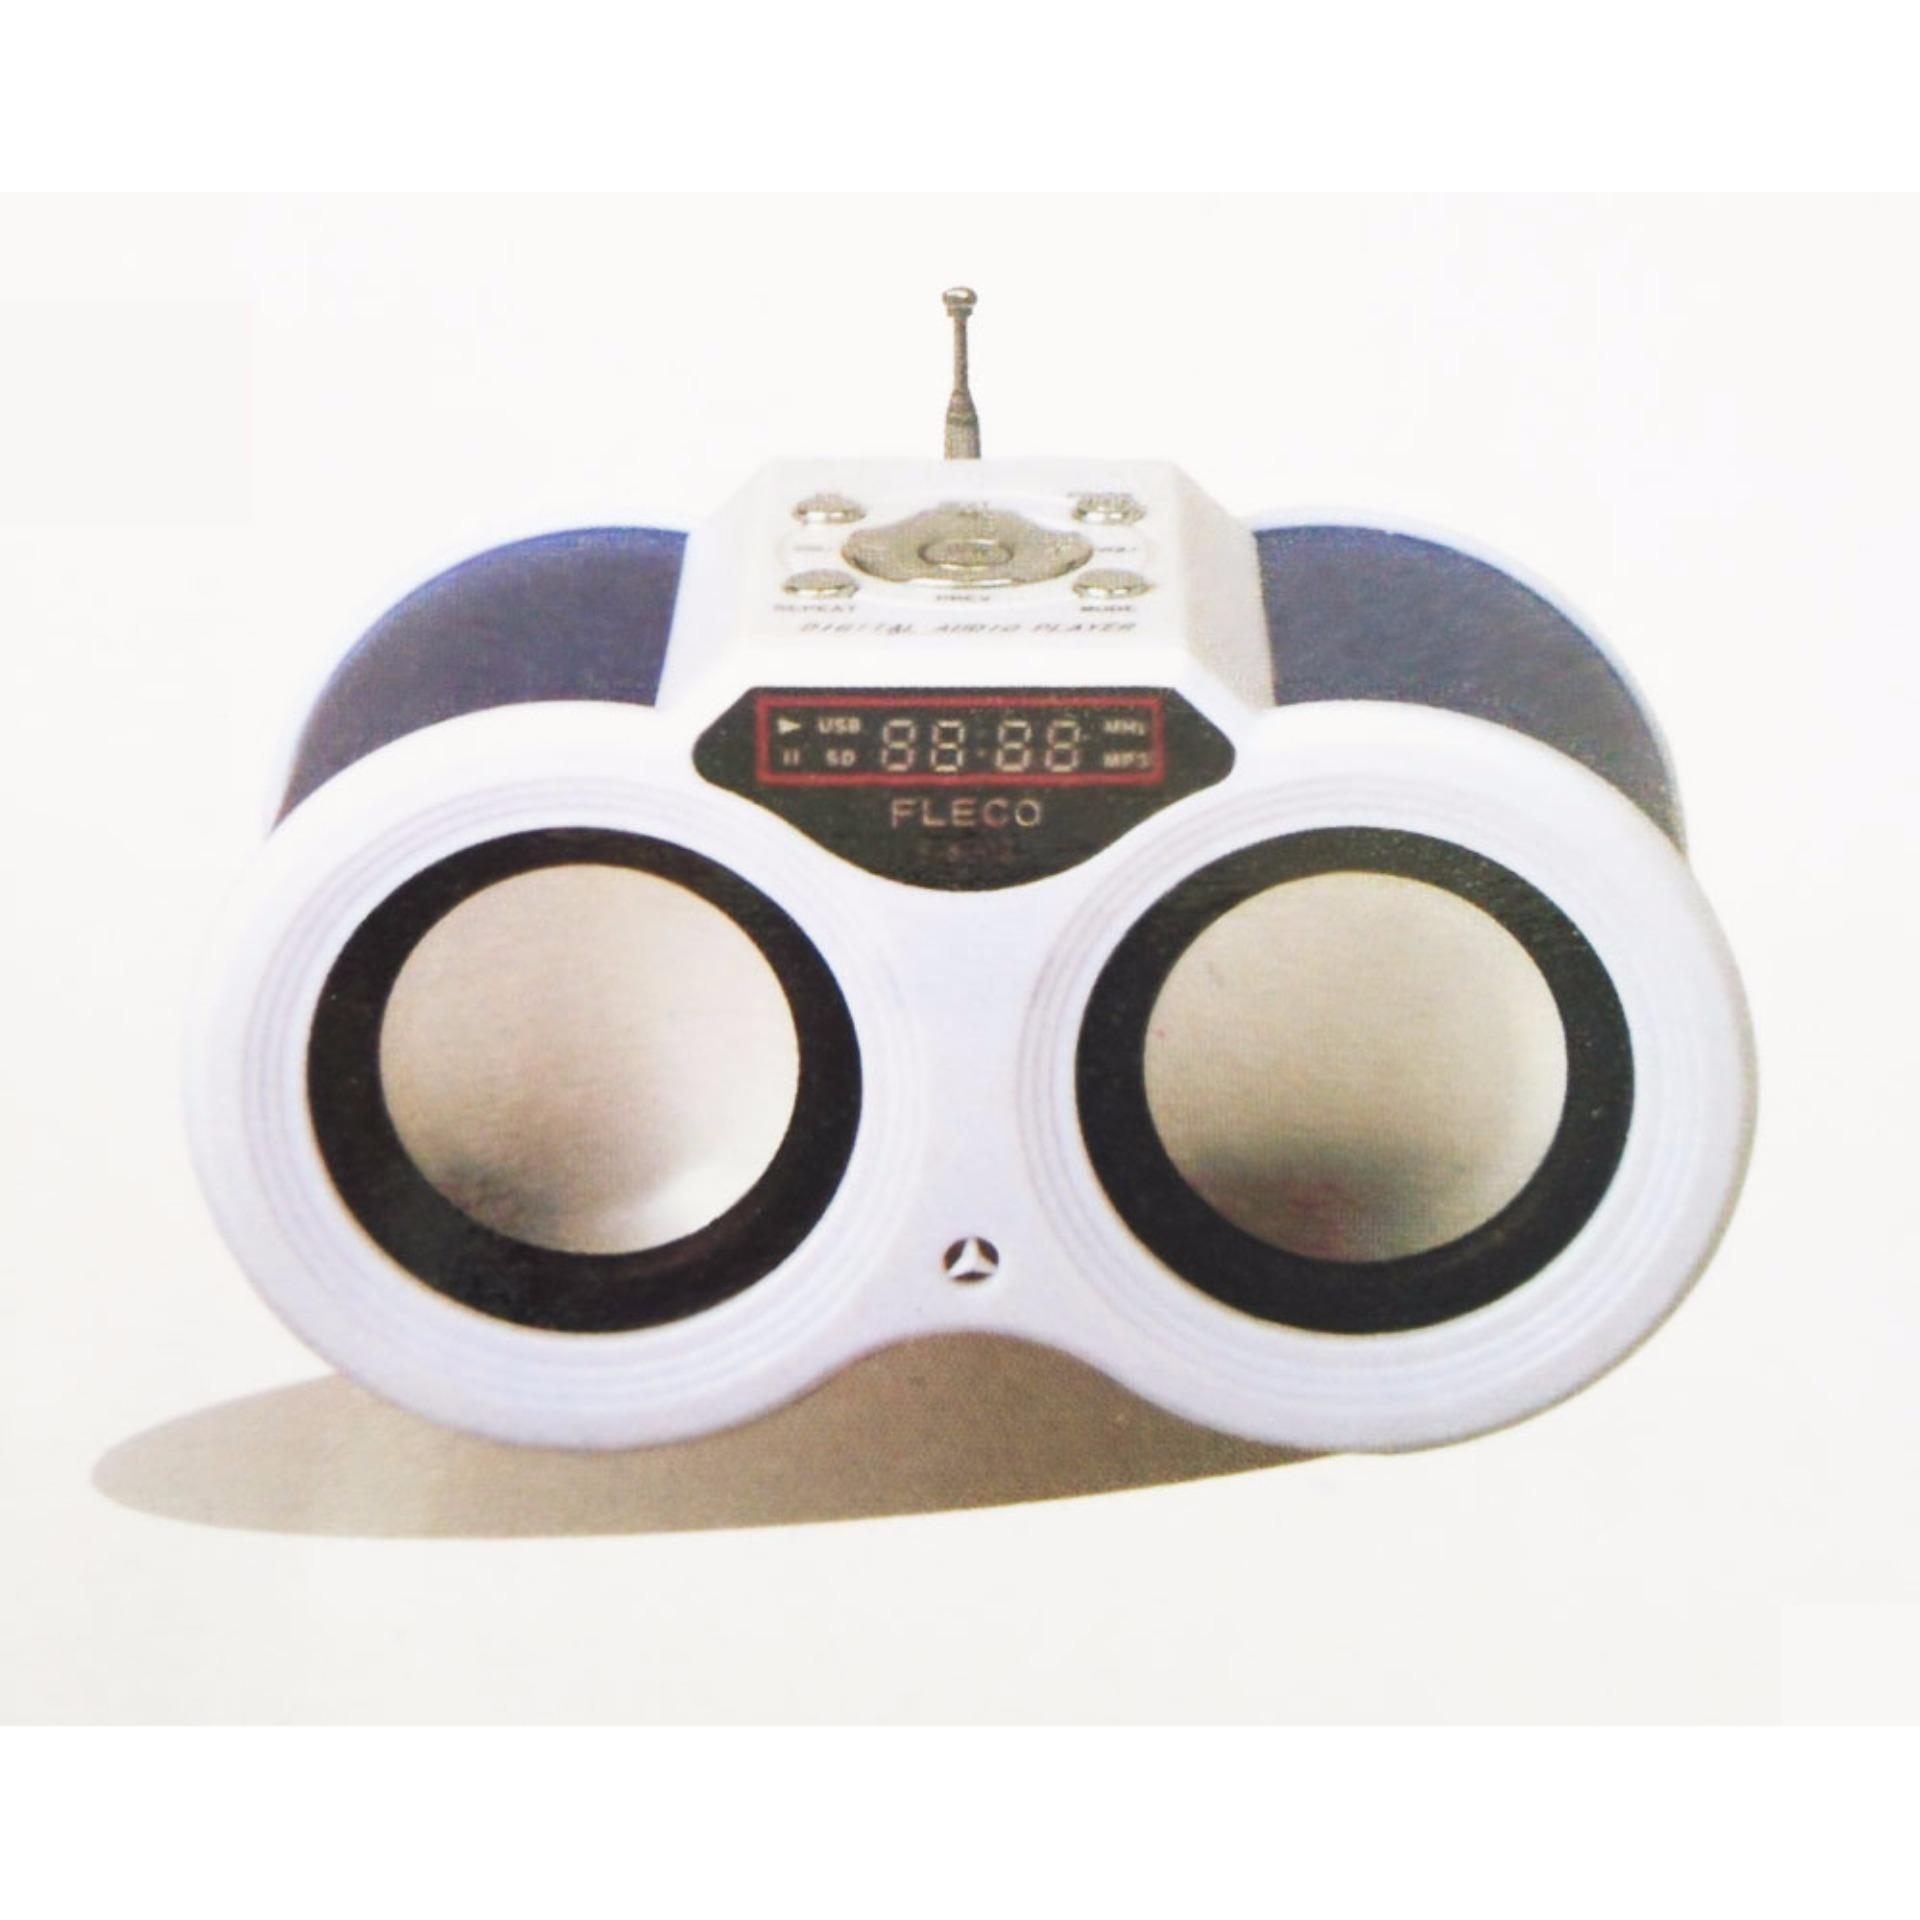 Fleco Speaker Mini Portable F-800B